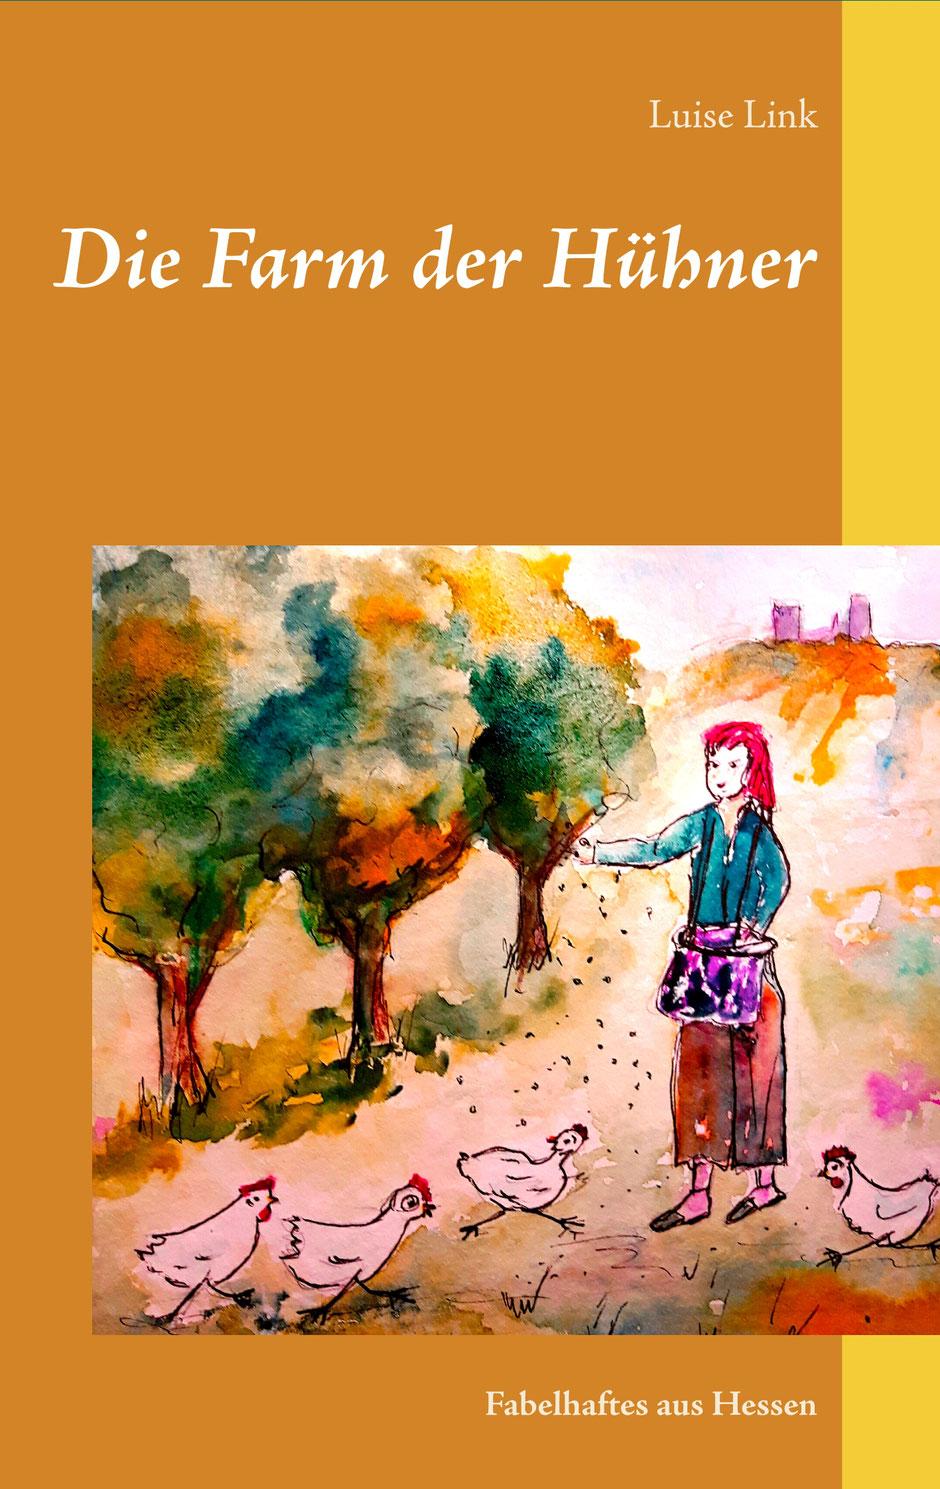 """Cover des Buchs von Luise Link """"Die Farm der Hühner"""", Gestaltung: Doris Bauer"""